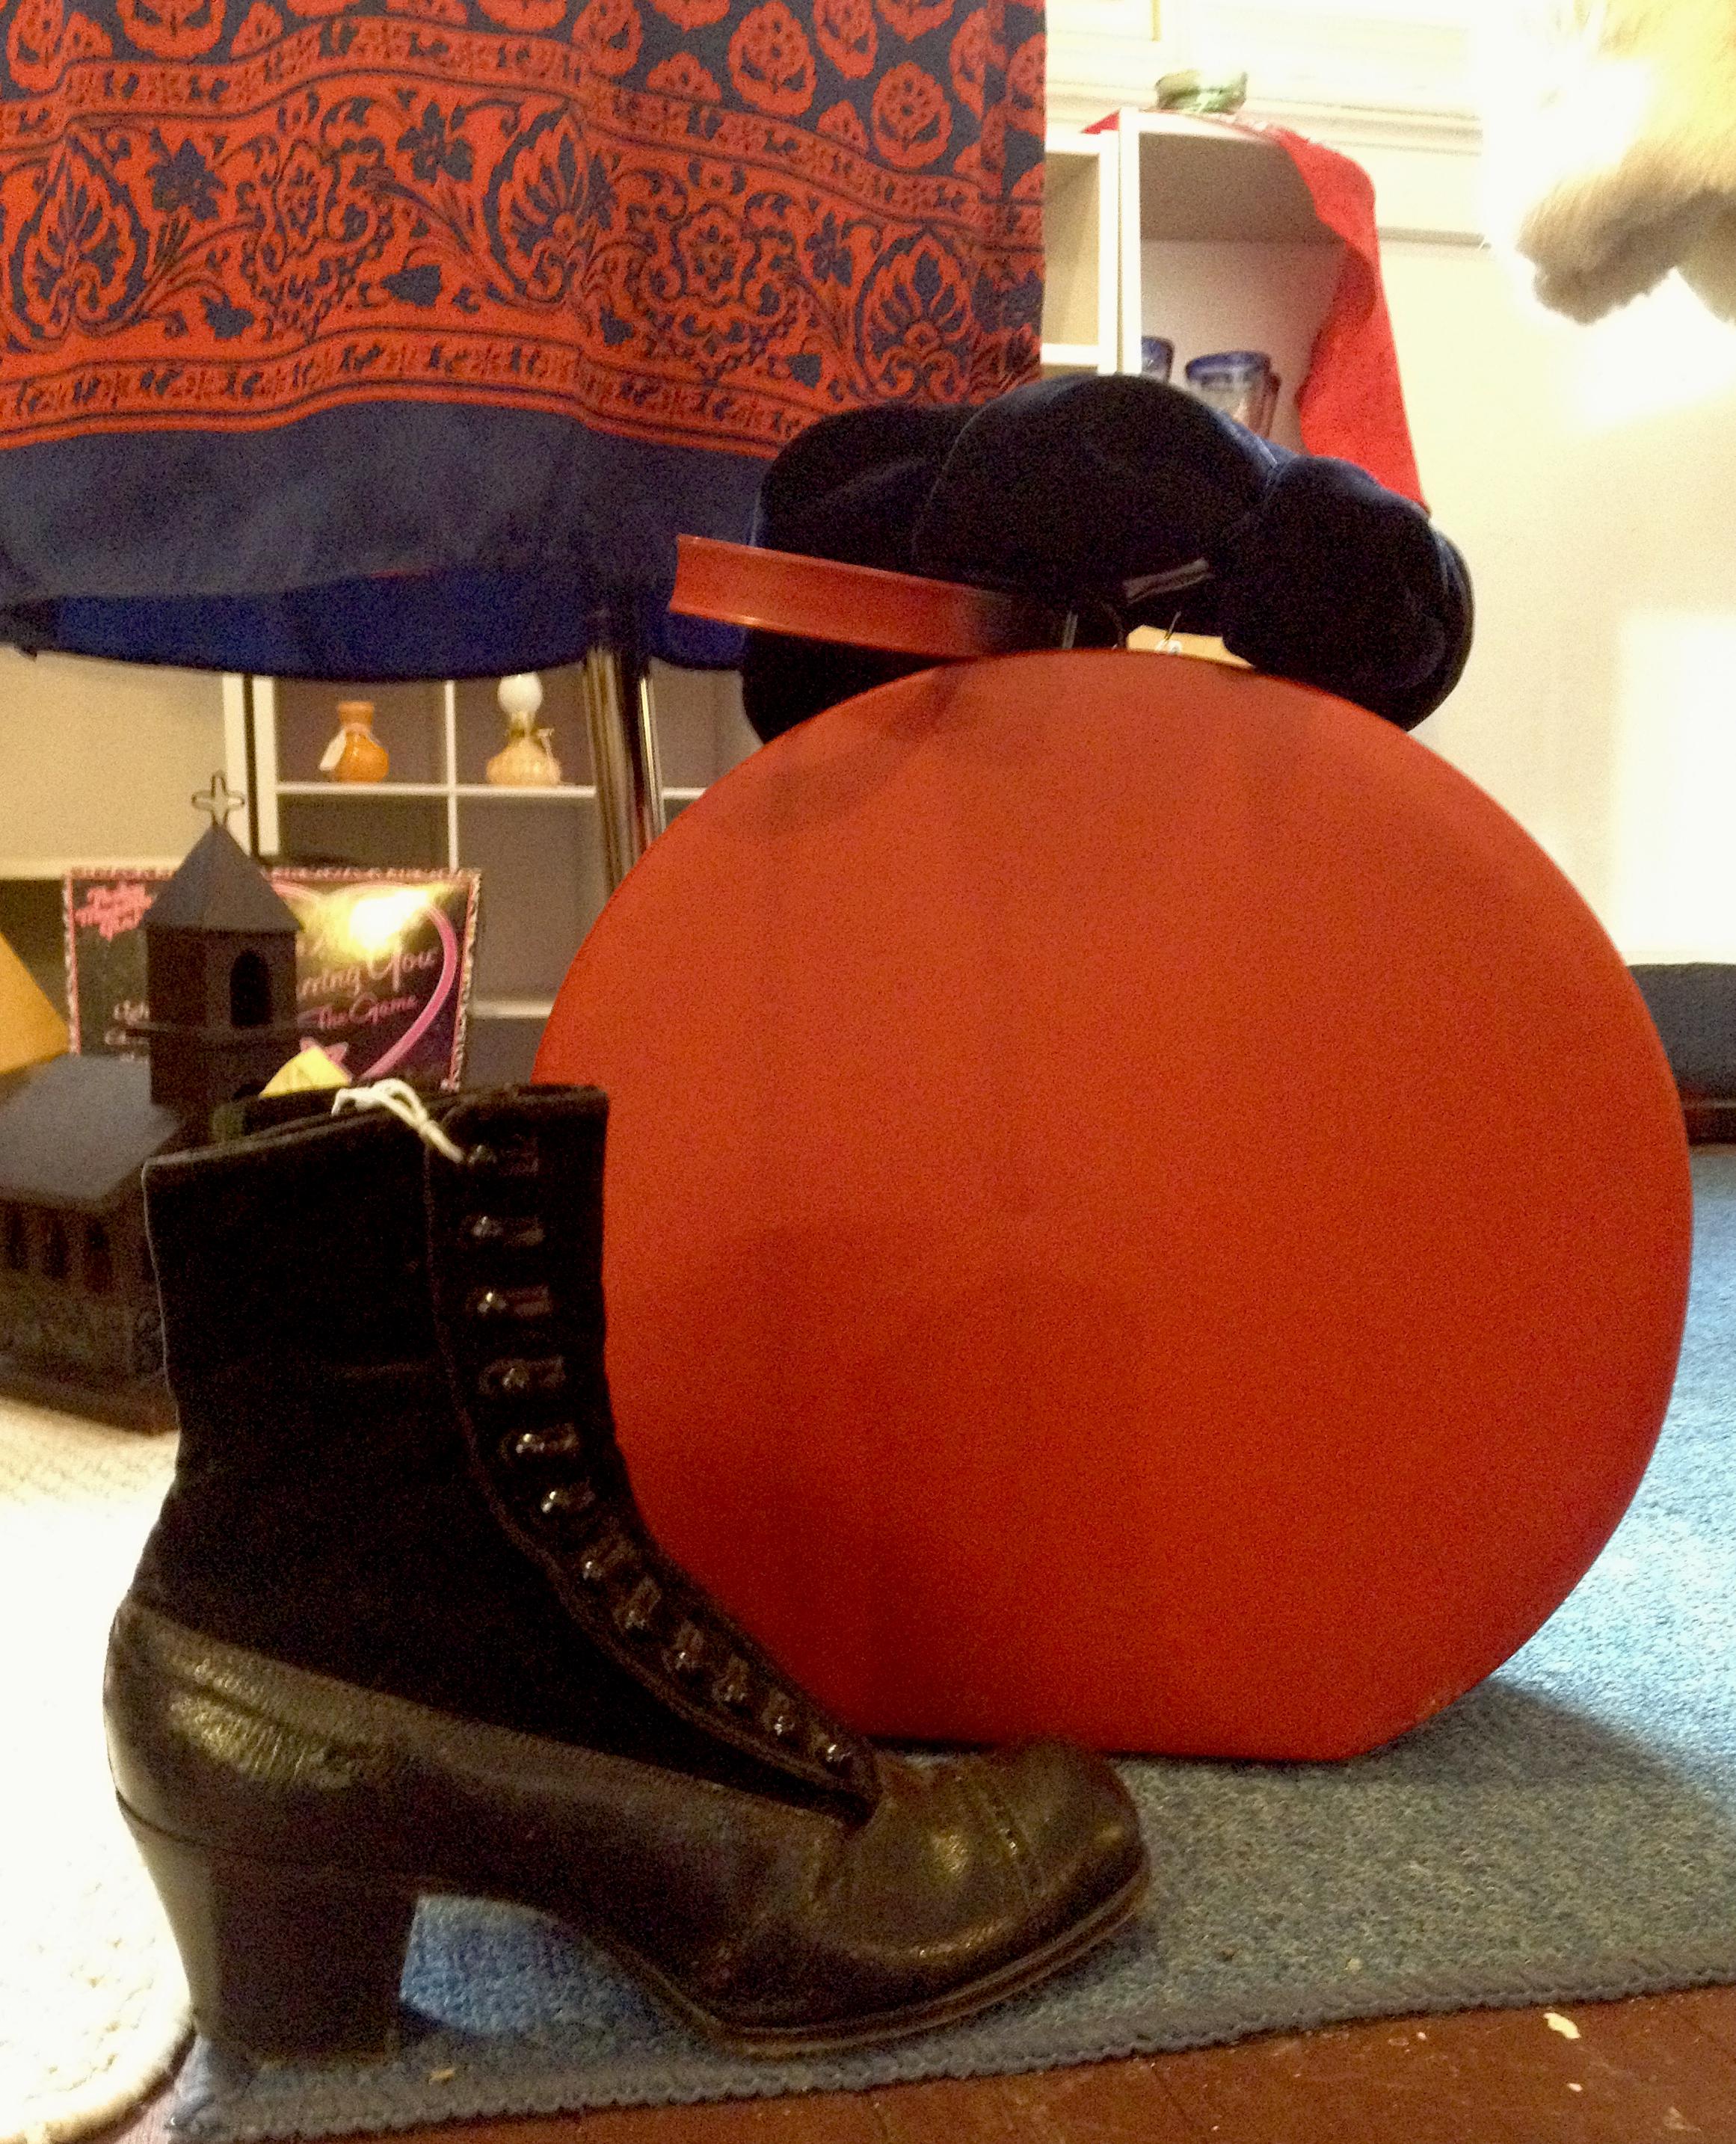 Edwardian shoes red bag EDITED.jpg